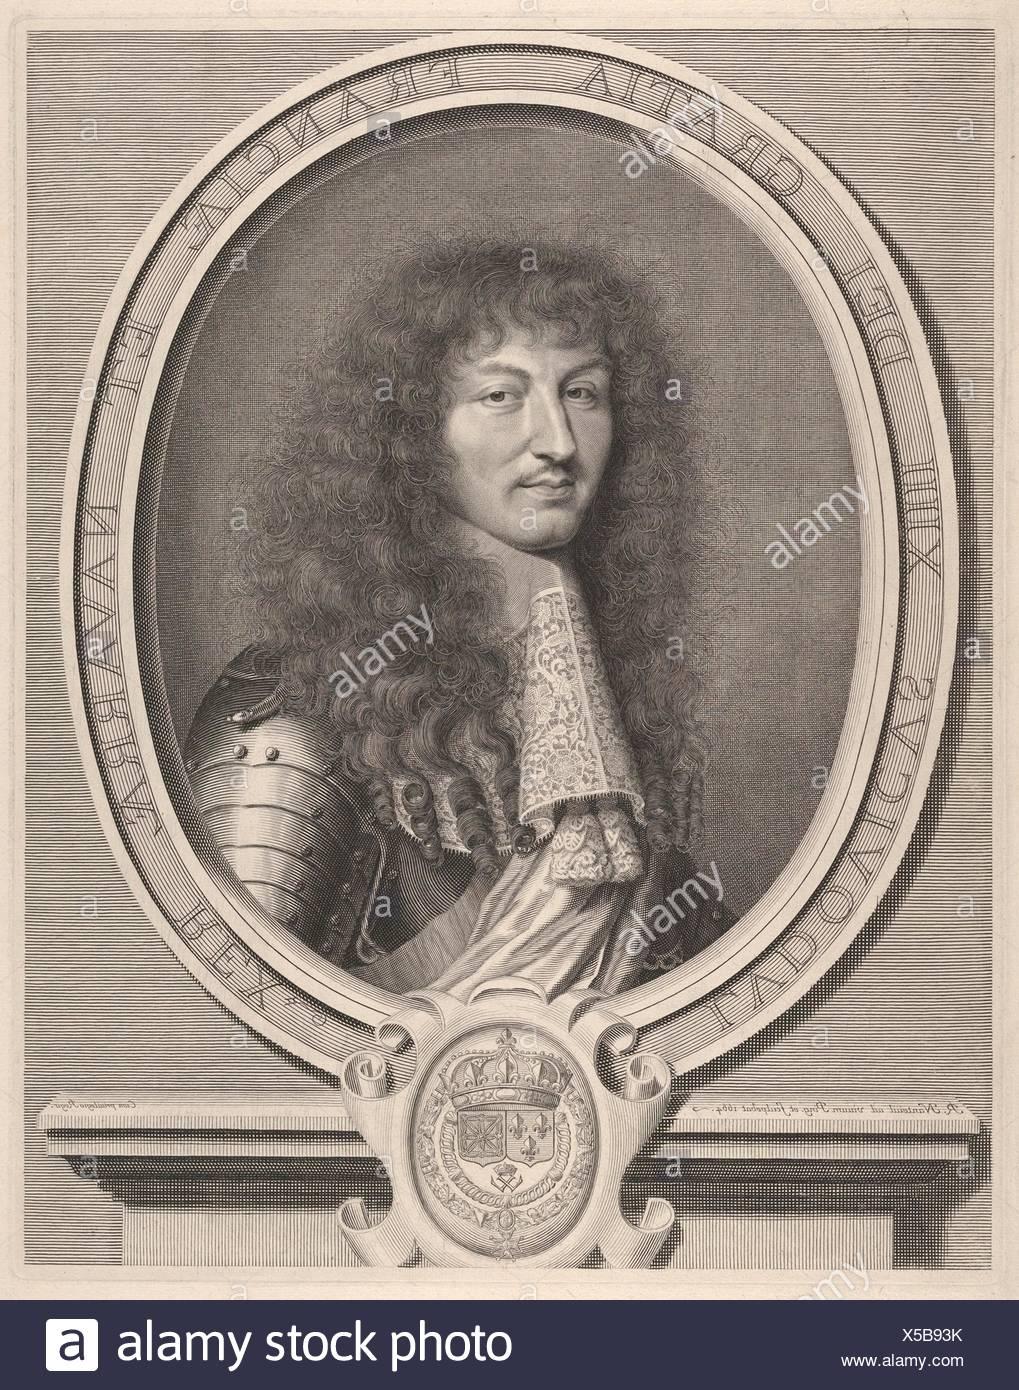 Louis XIV. Artist: Robert Nanteuil (French, Reims 1623-1678 Paris)